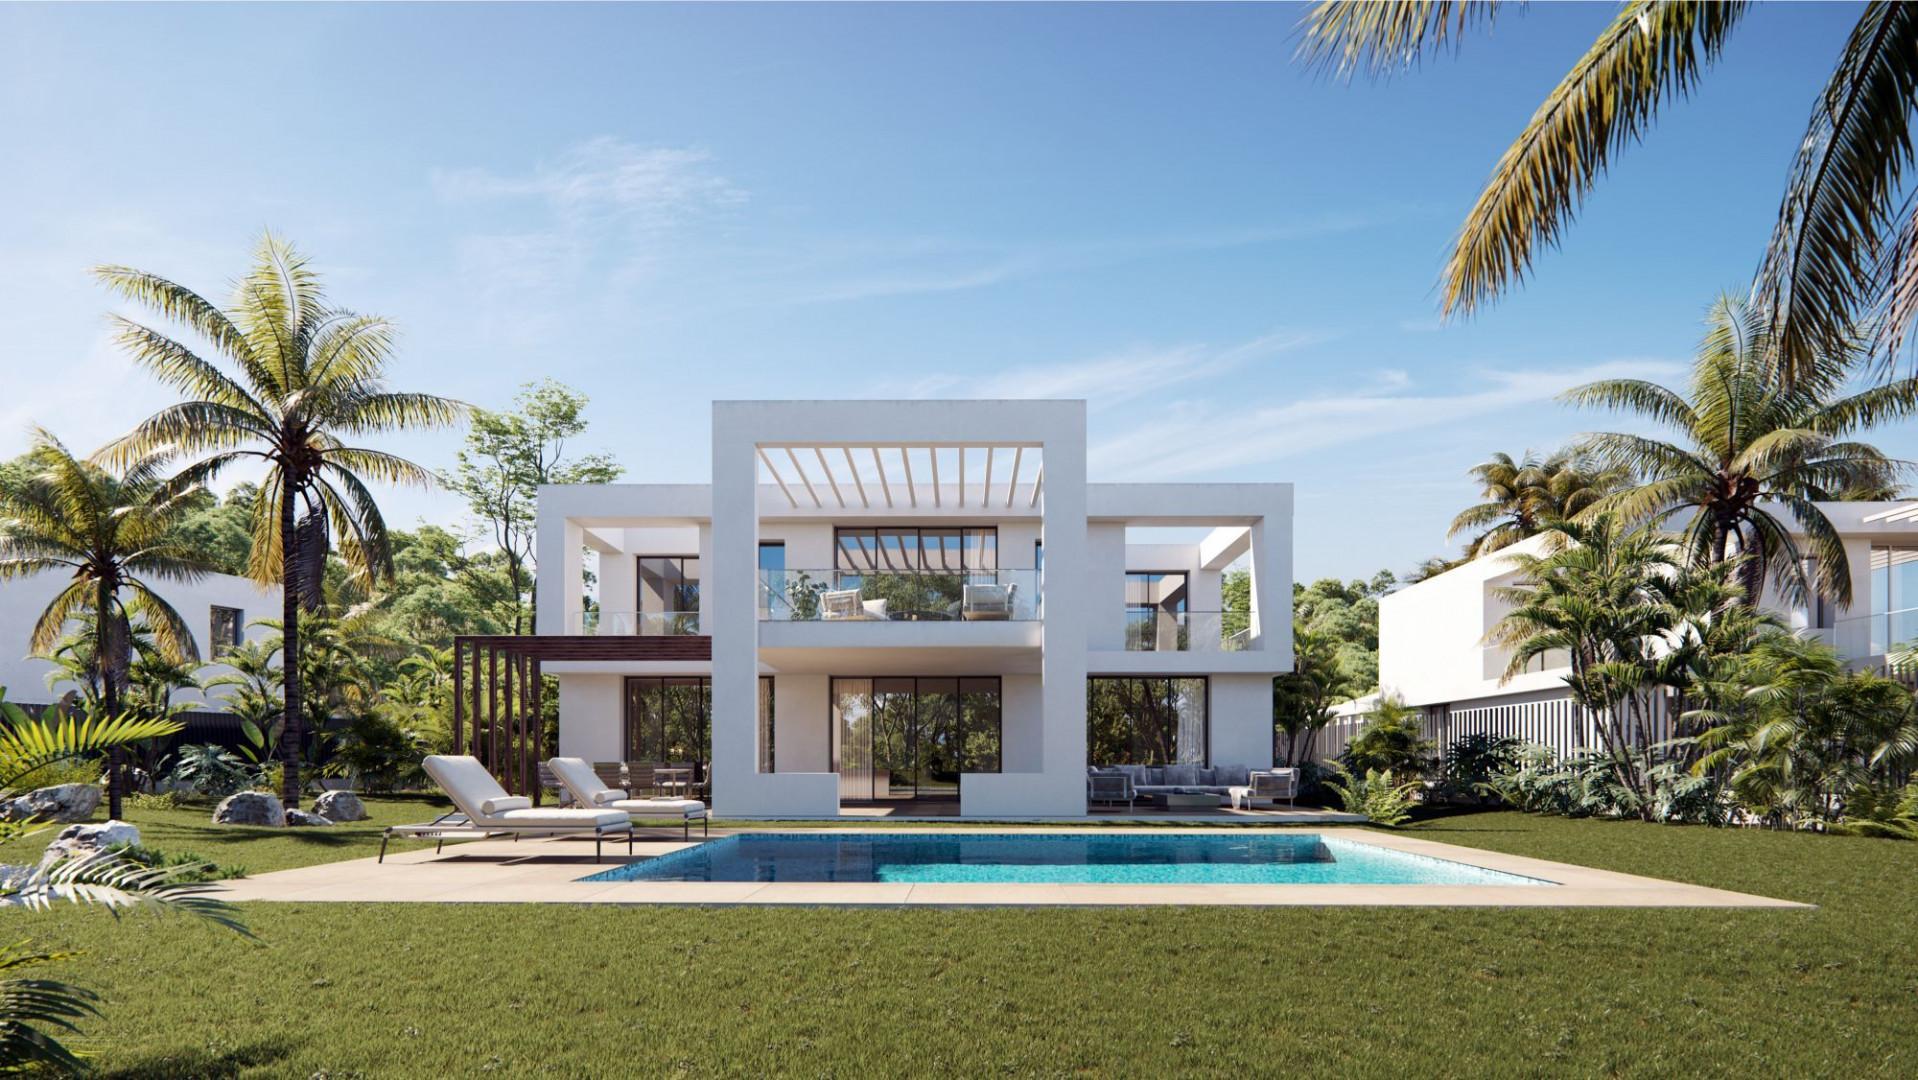 Kleinschalig zeer luxe villaproject aan de golf en dichtbij zee in Marbella.PL145